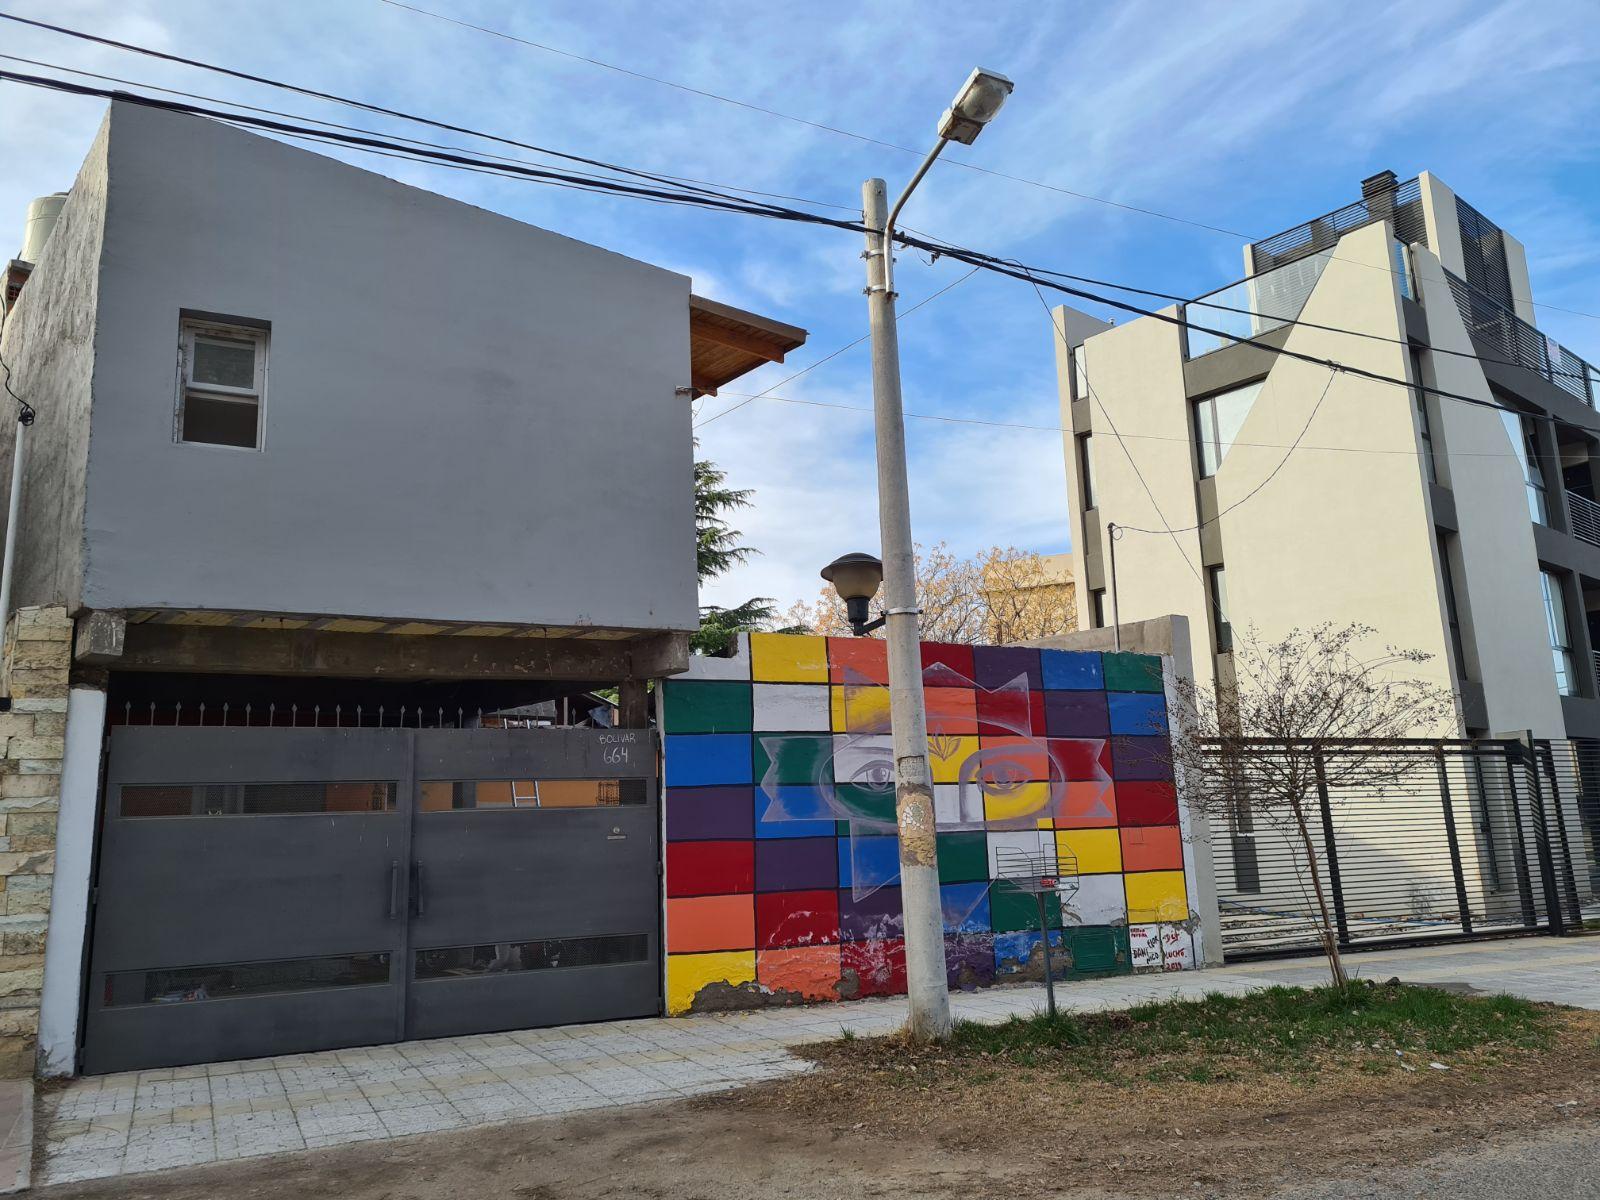 Venta casa 2 dormitorios calle Bolívar al 600, Neuquén